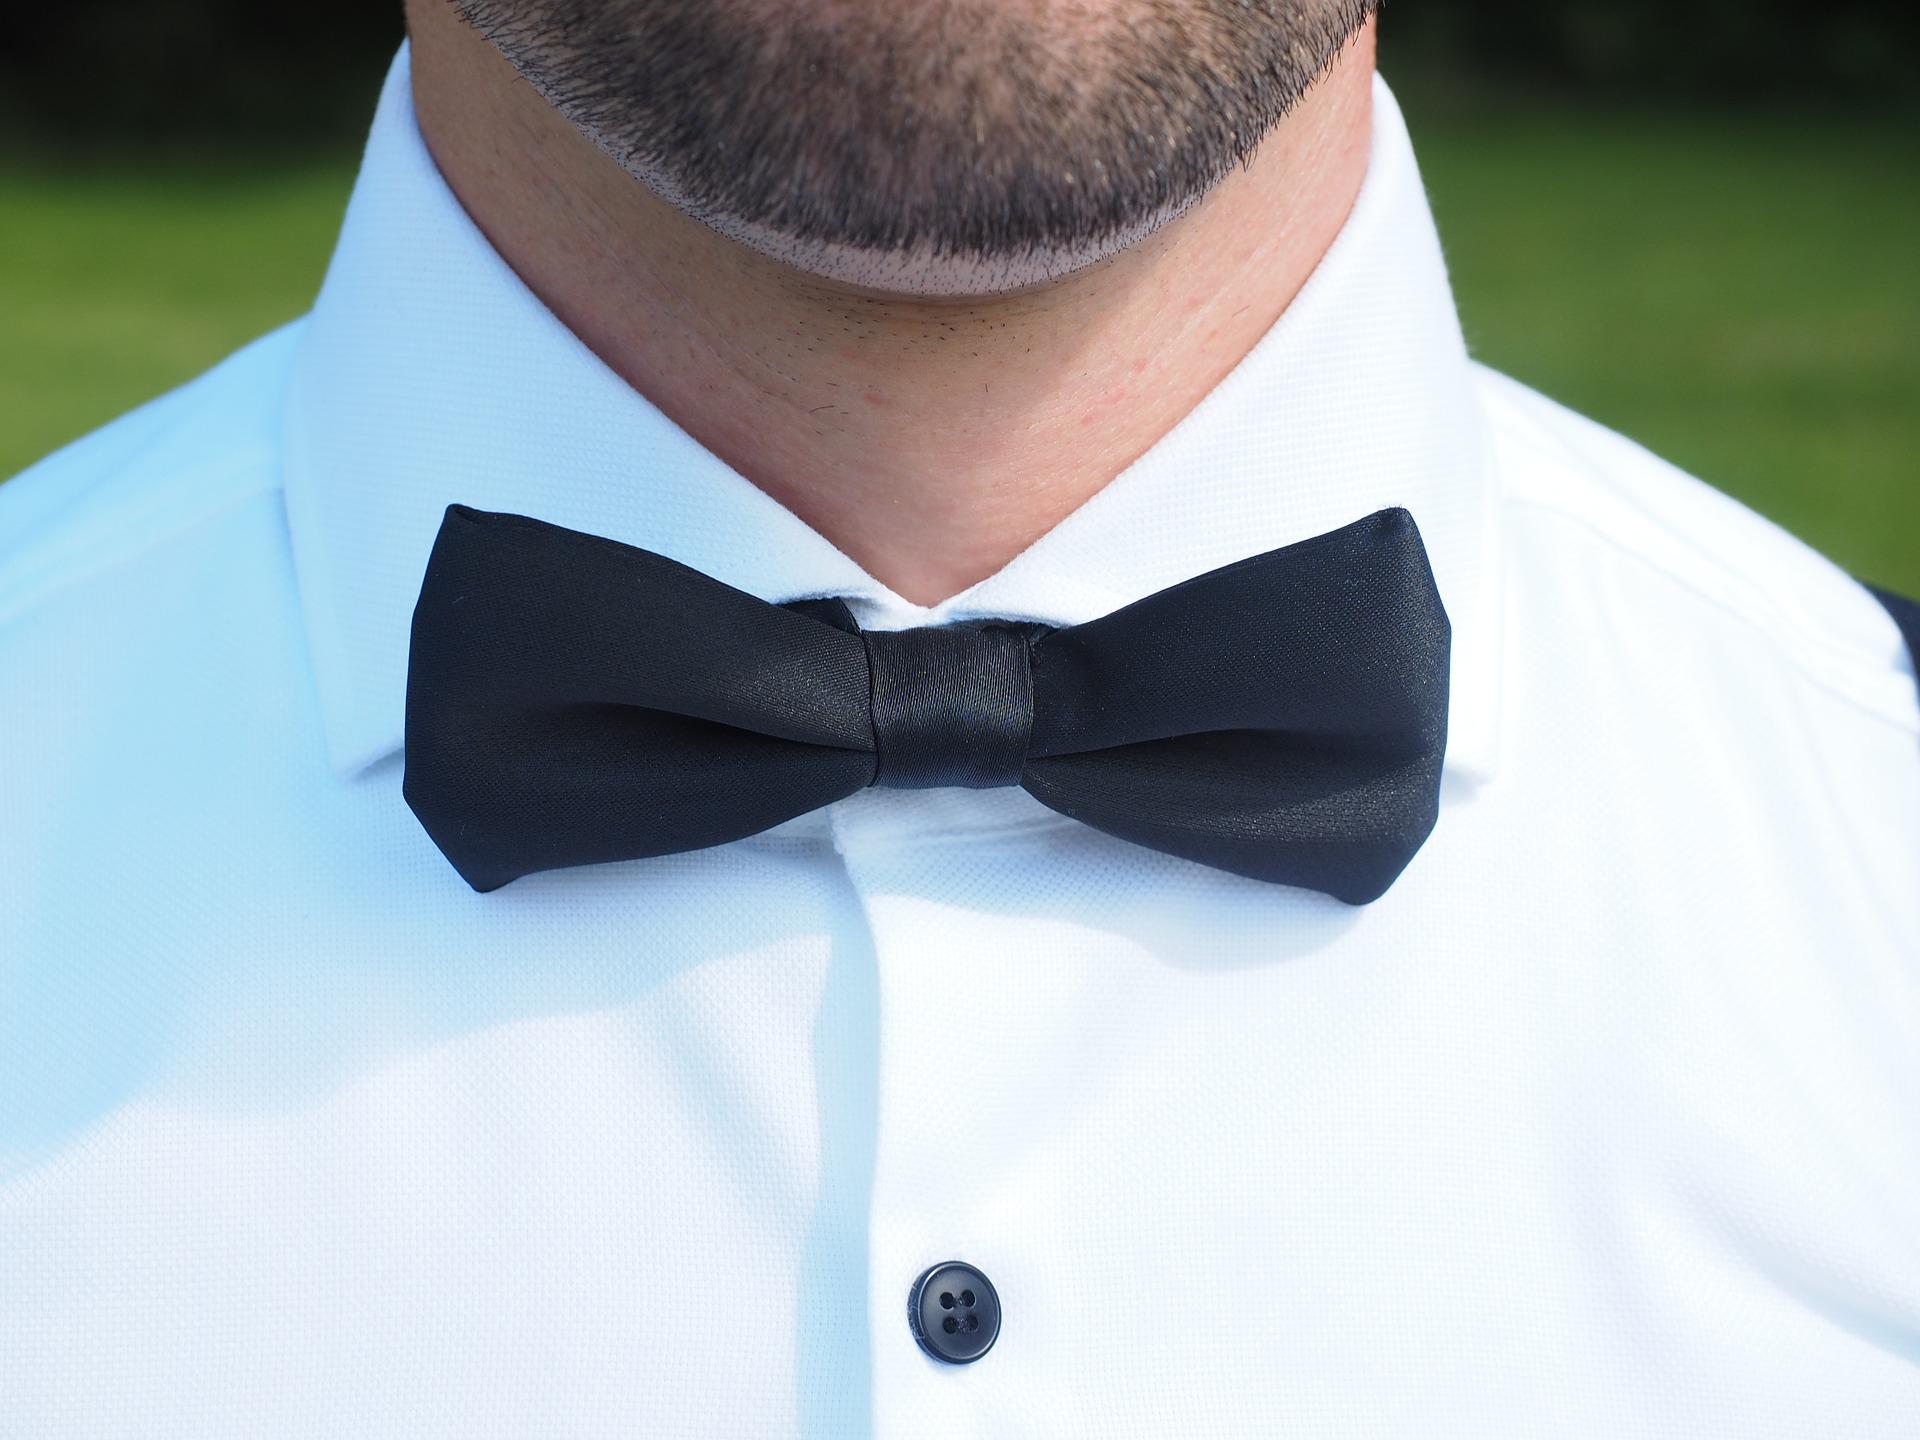 formalidad, tuxedo, vestir, trabajo, empleo,